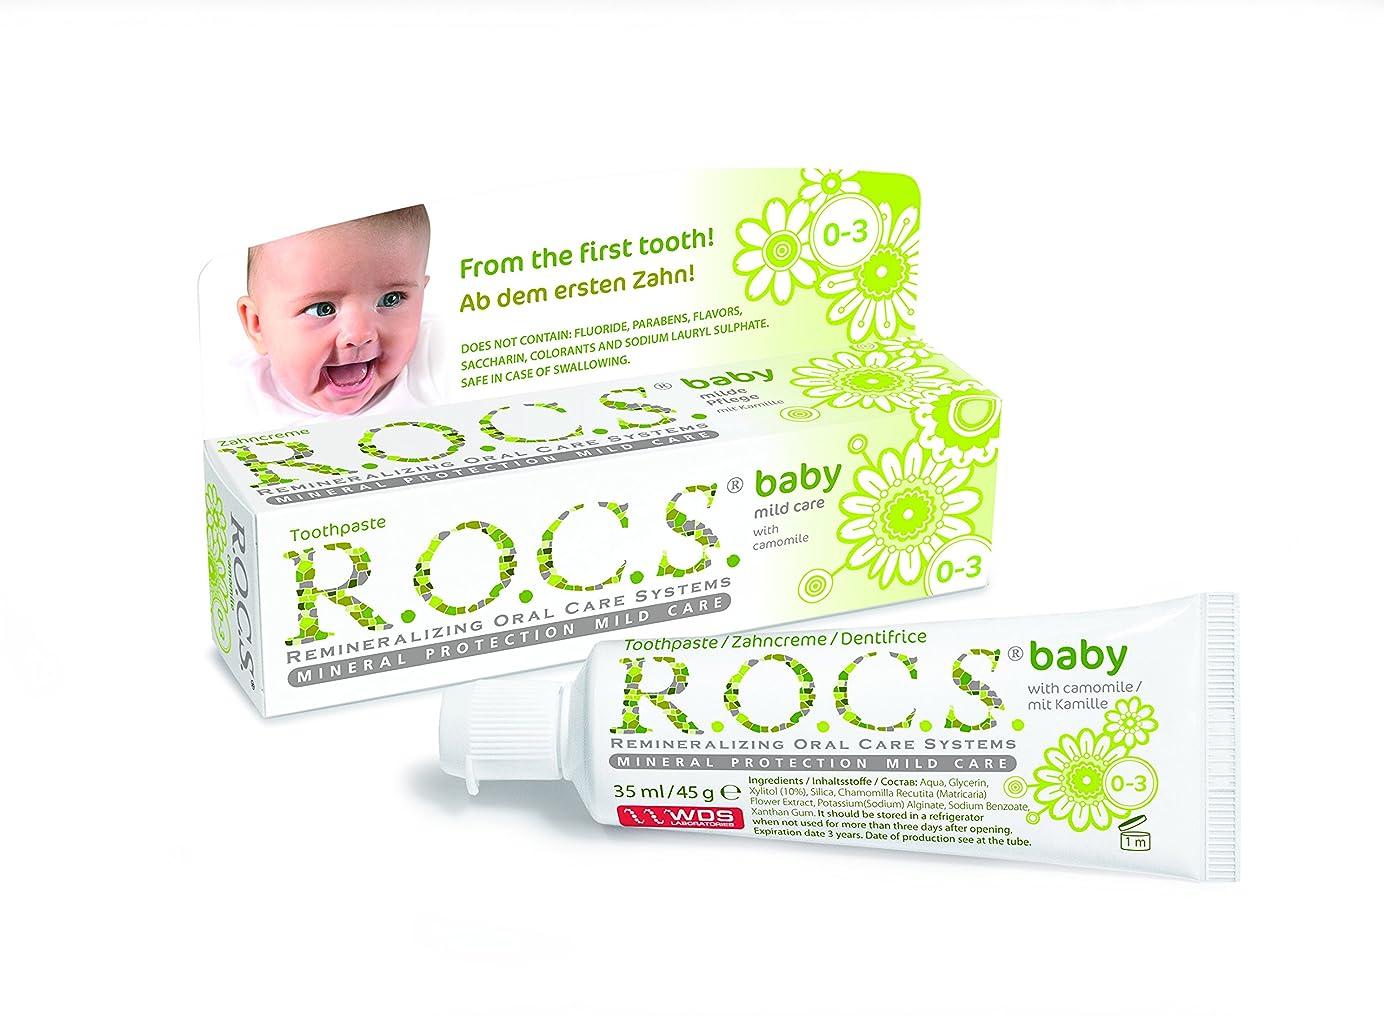 ここに祝福する光R.O.C.S. ロックス歯磨き粉 ベビー用マイルドケア カモミール